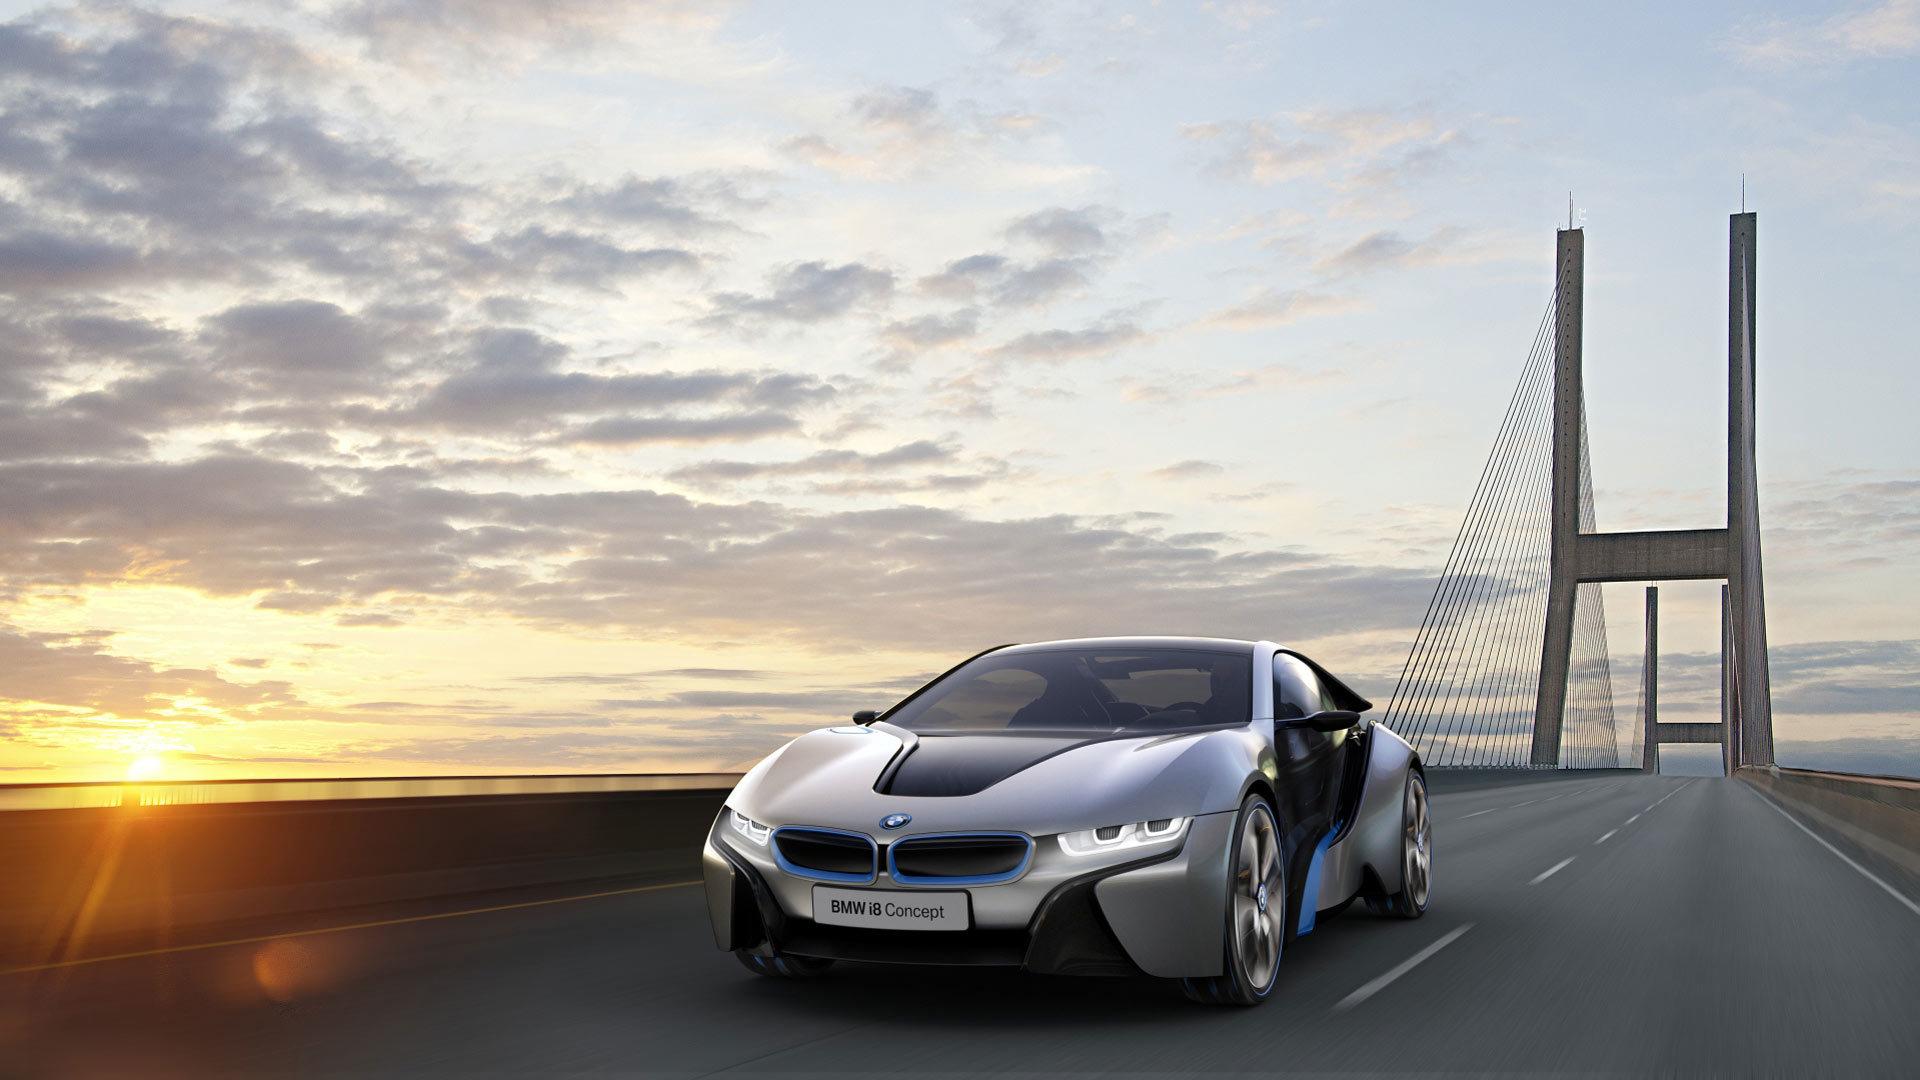 Free download BMW I8 wallpaper ID:126911 full hd 1920x1080 for desktop